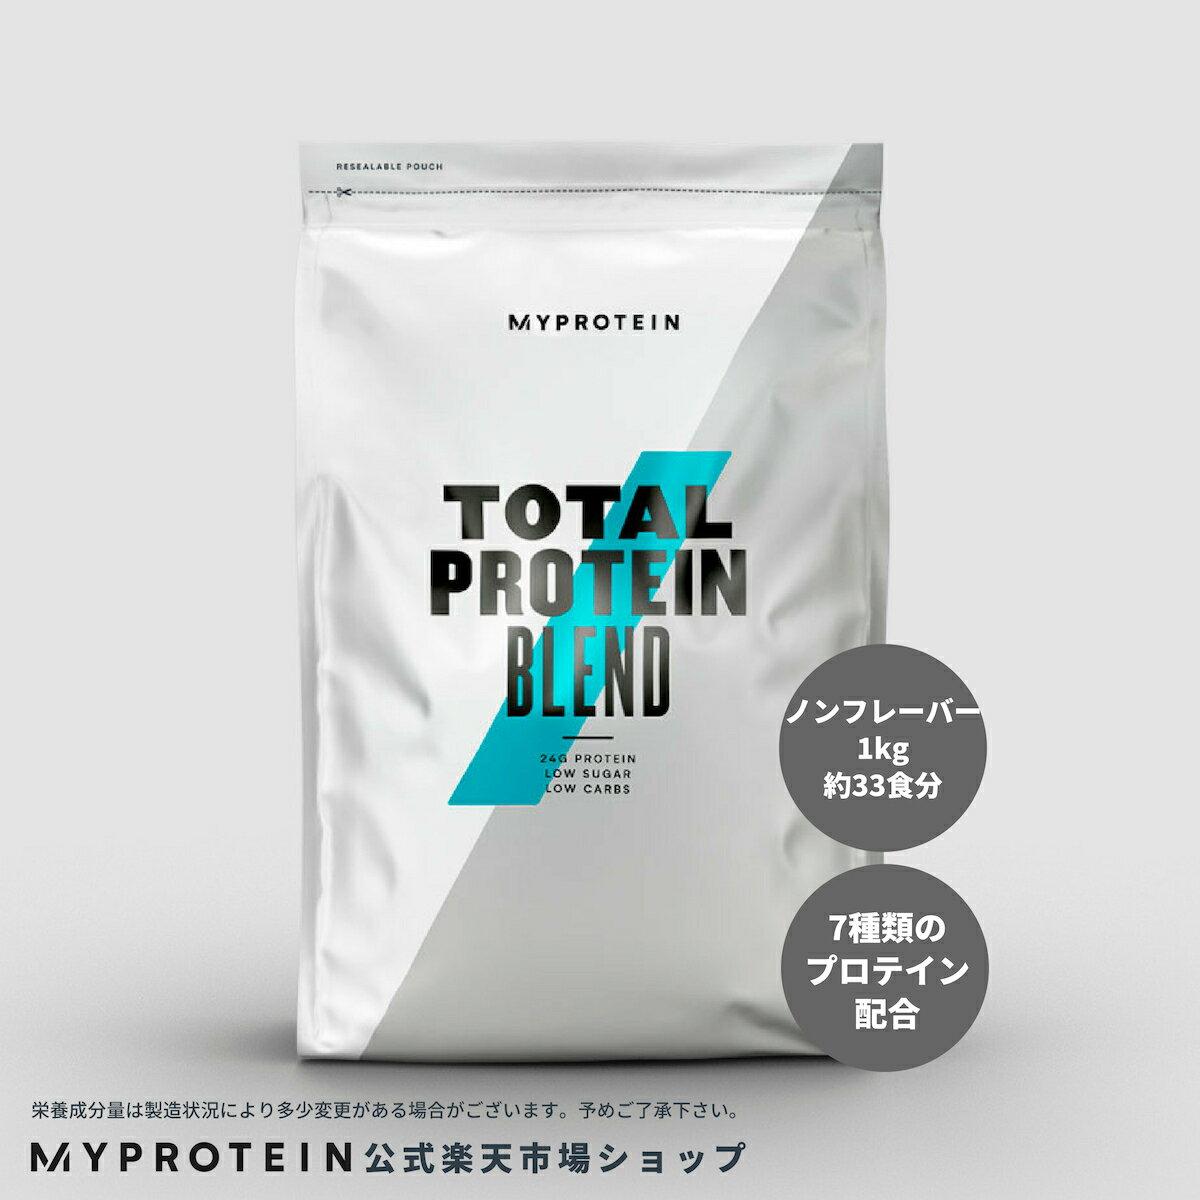 マイプロテイン 公式 【MyProtein】 トータルプロテイン 1kg 約33食分(ノンフレーバー)| プロテイン ホエイ ホエイプロテイン カゼインプロテイン カゼイン カルシウム ダイエット バルクアップ ボディーメイク 糖質制限【楽天海外直送】